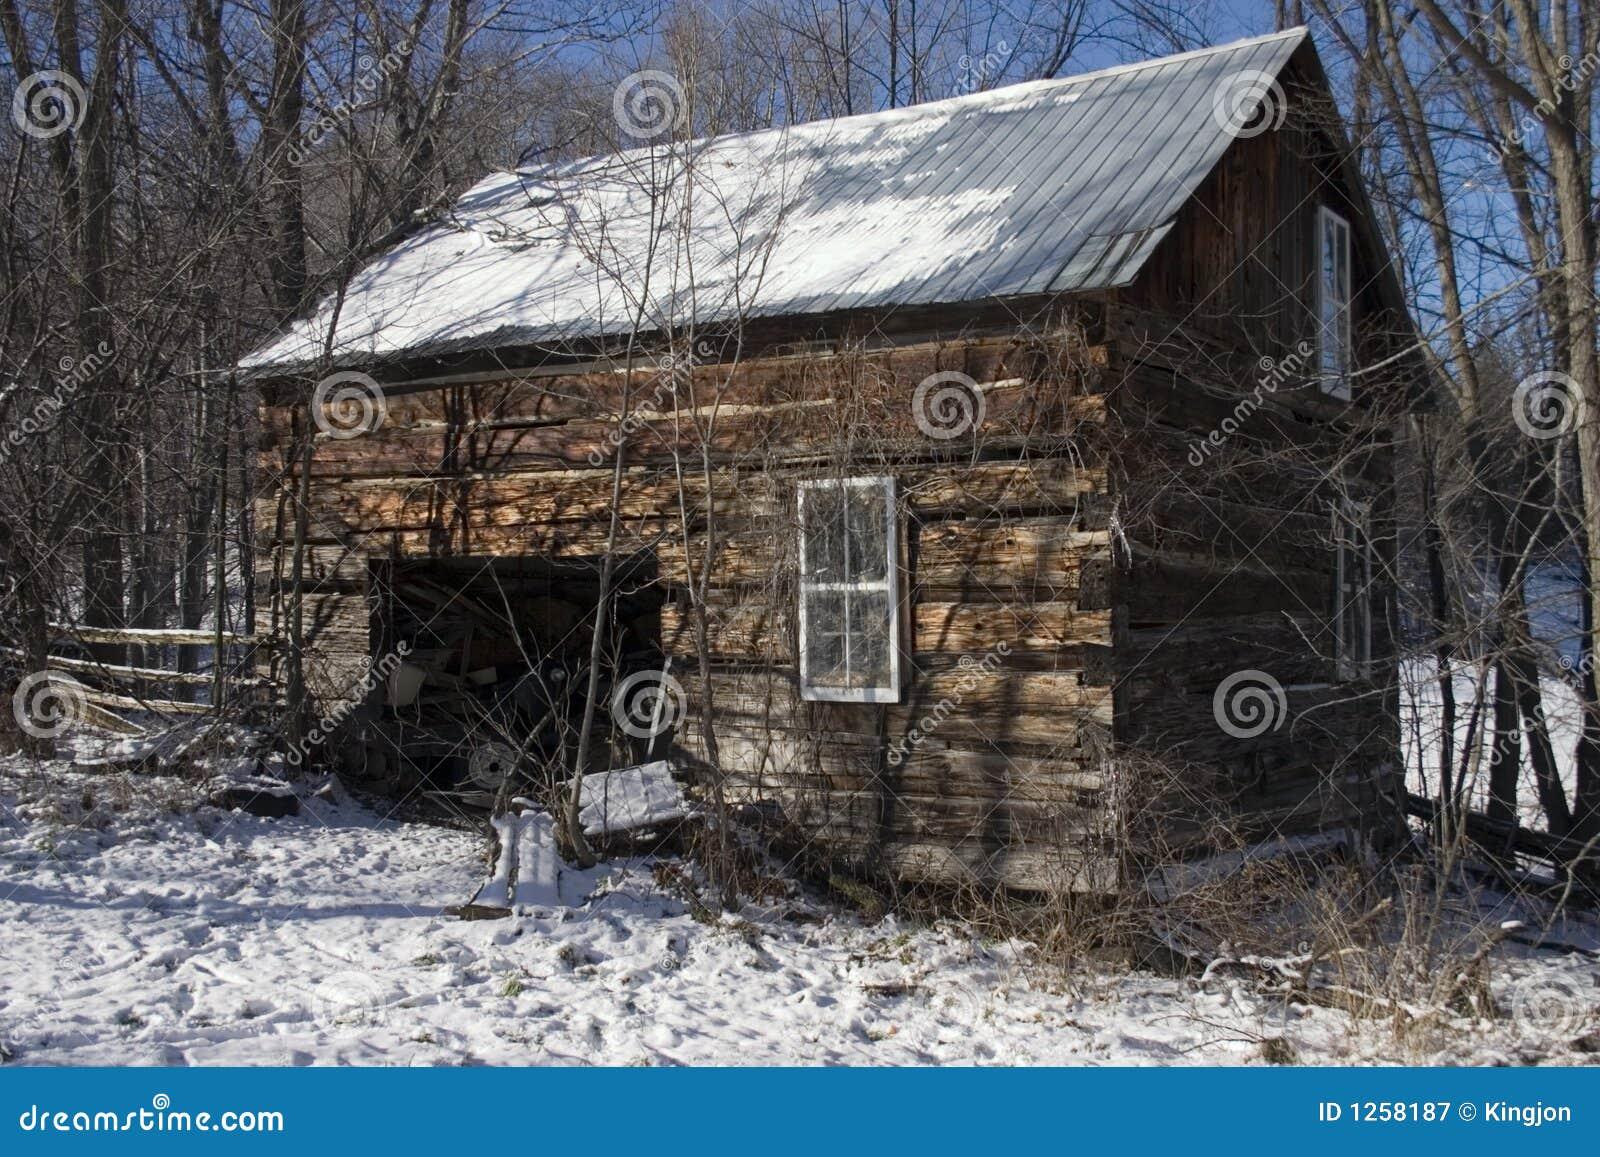 Vieille cabane en bois image stock image du hiver glace for Destockage cabane en bois